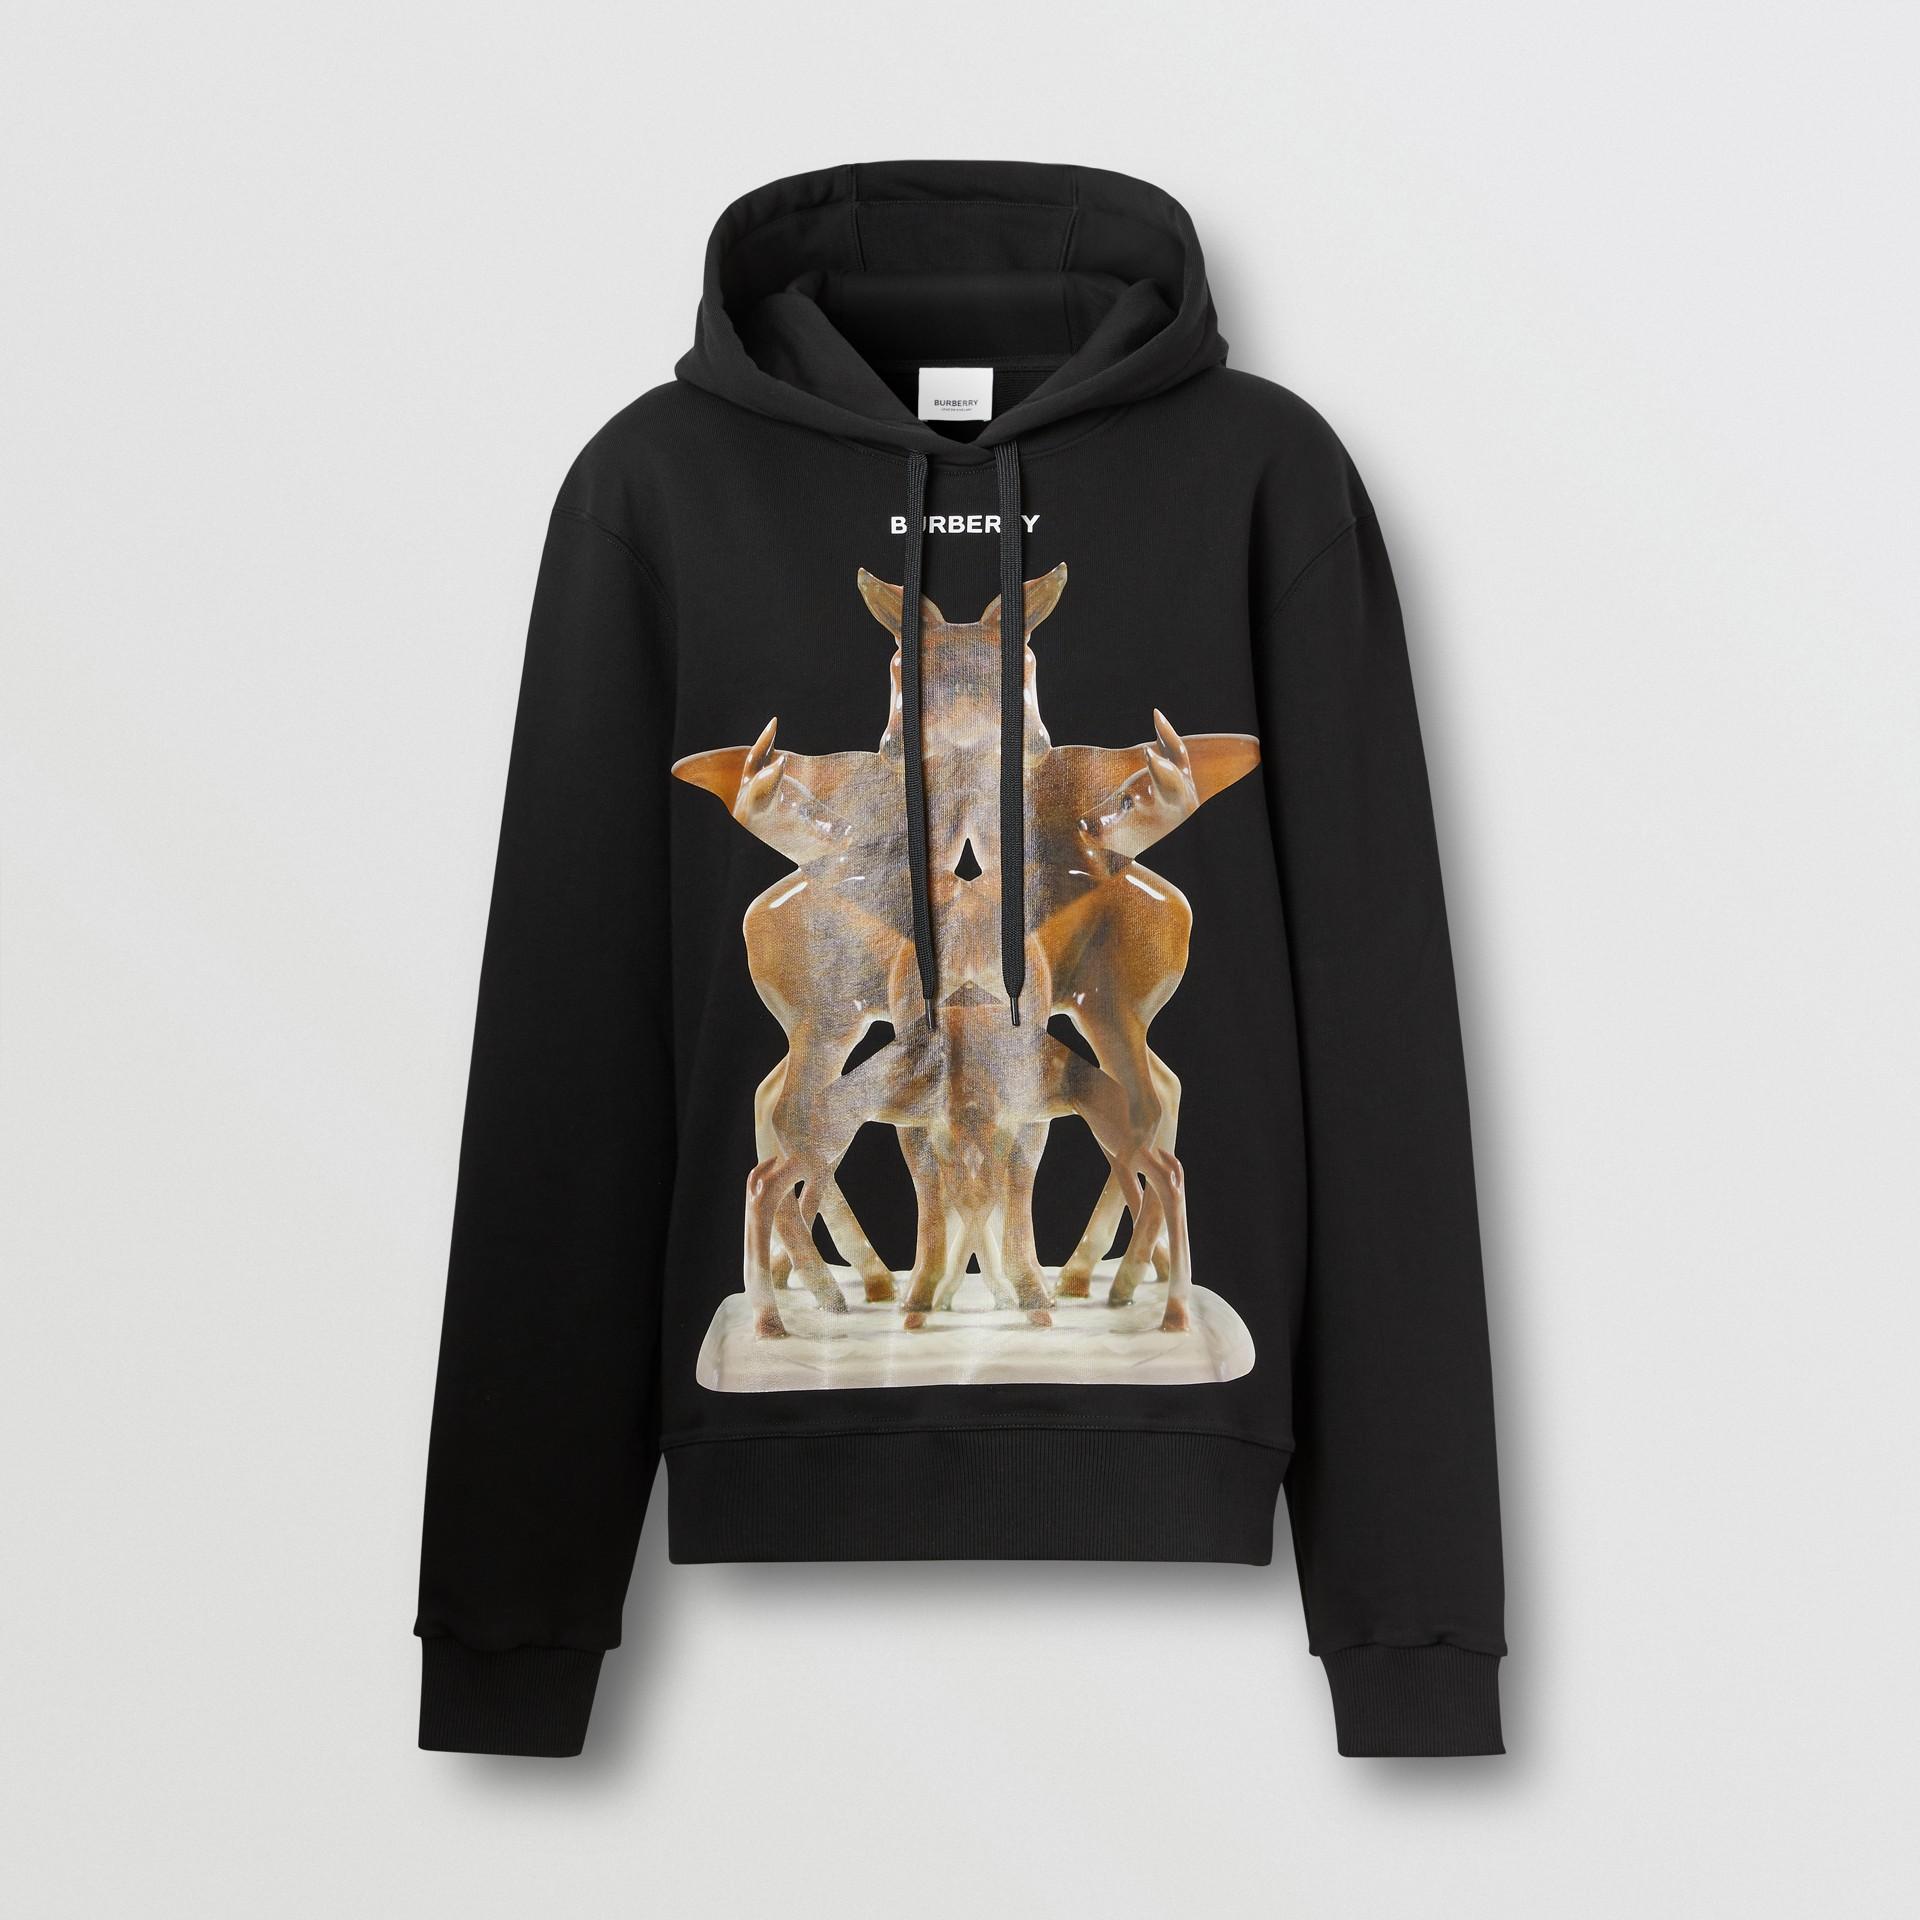 Sweat-shirt à capuche oversize avec imprimé kaléidoscope – Exclusivité en ligne (Noir) - Femme | Burberry - photo de la galerie 3